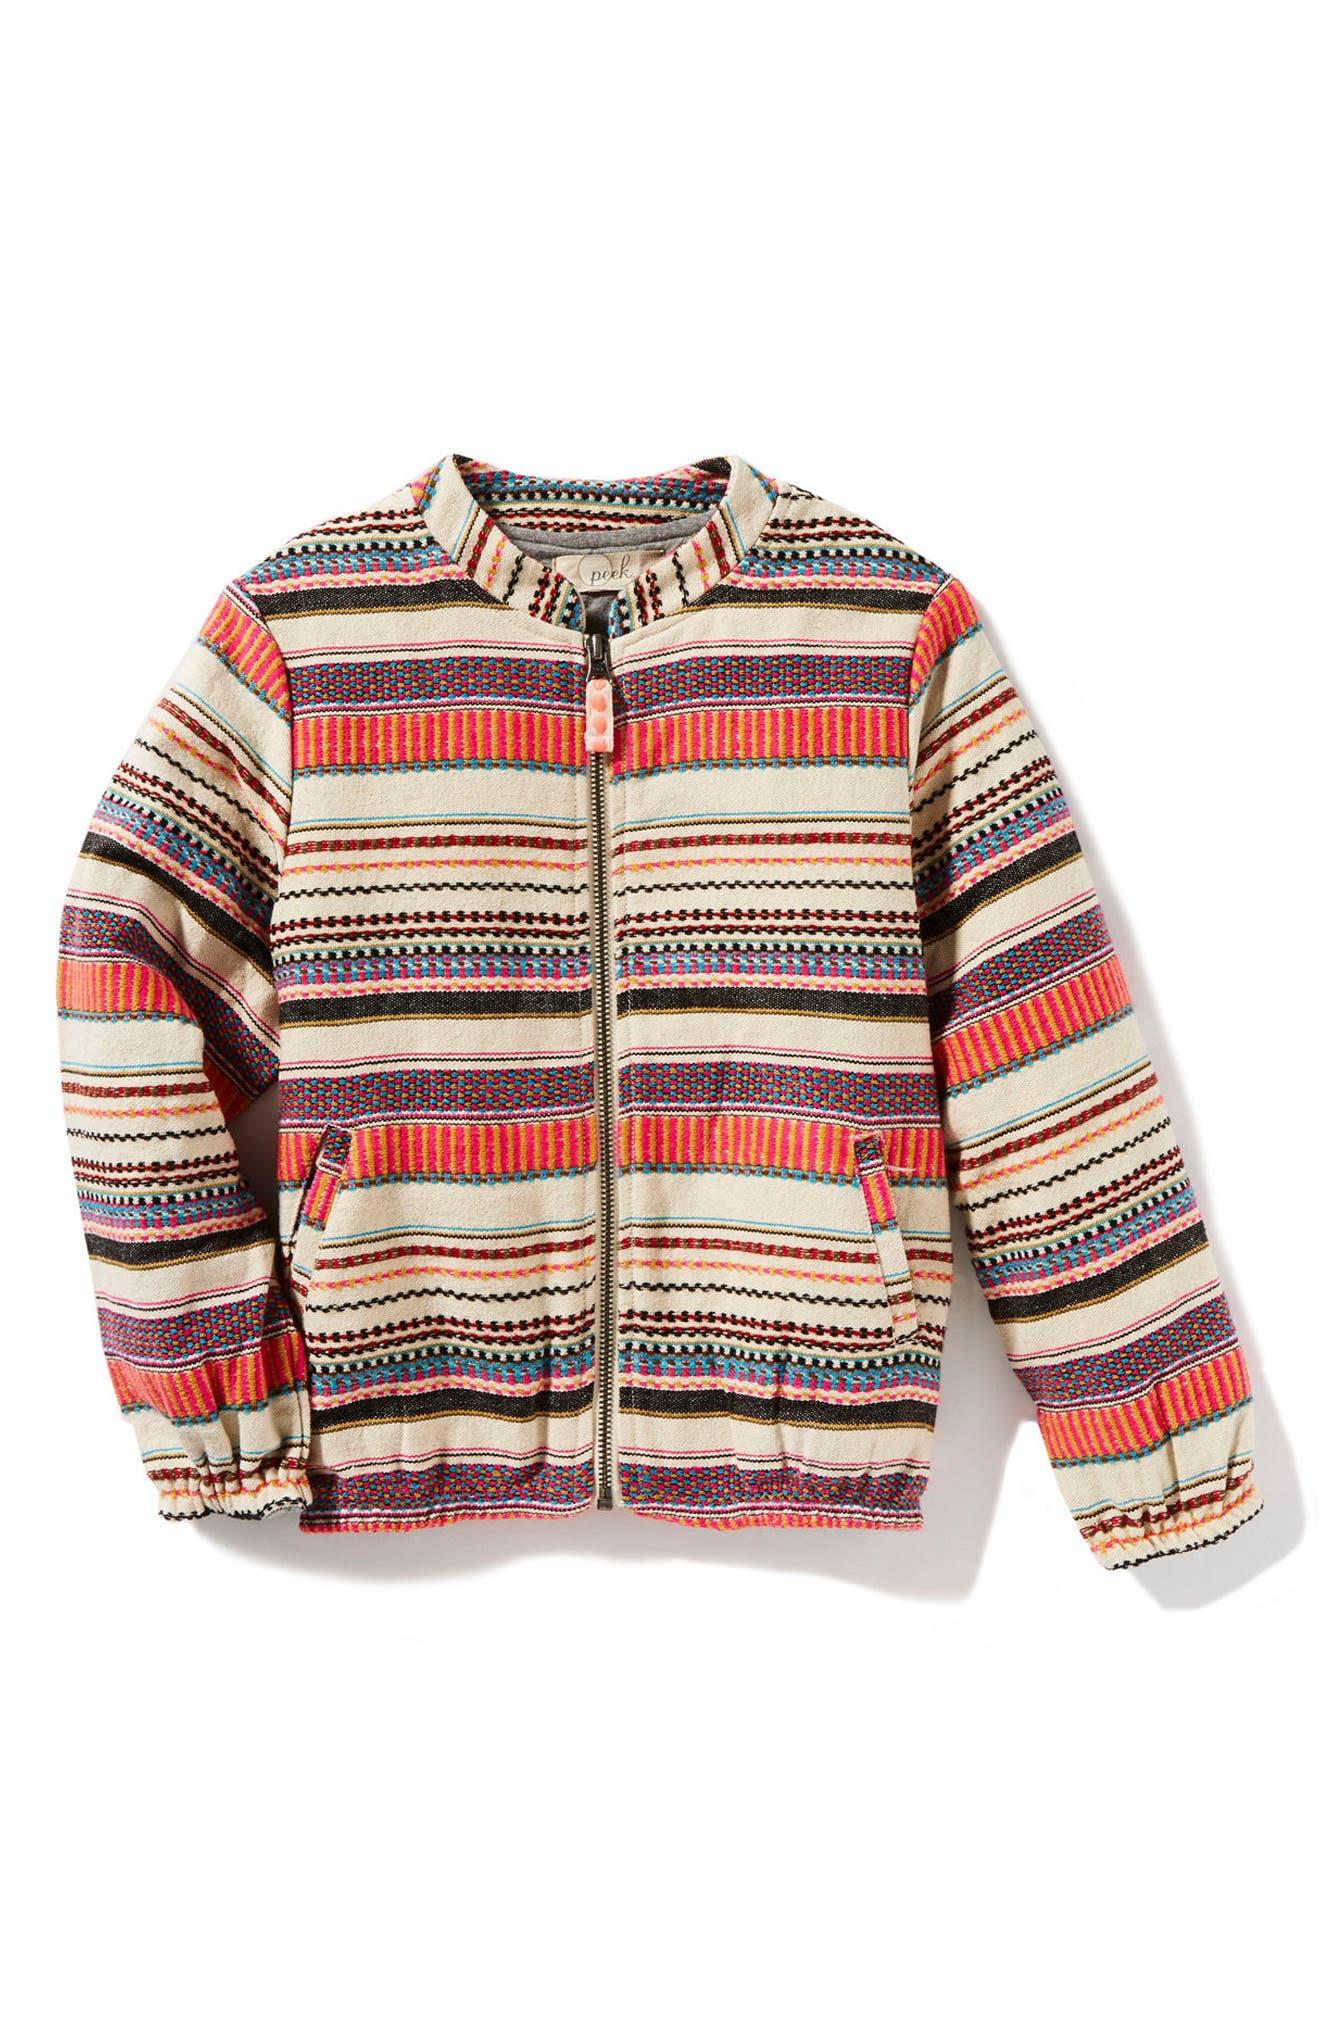 Main Image - Peek Mexico Stripe Jacquard Bomber Jacket (Toddler Girls, Little Girls & Big Girls)